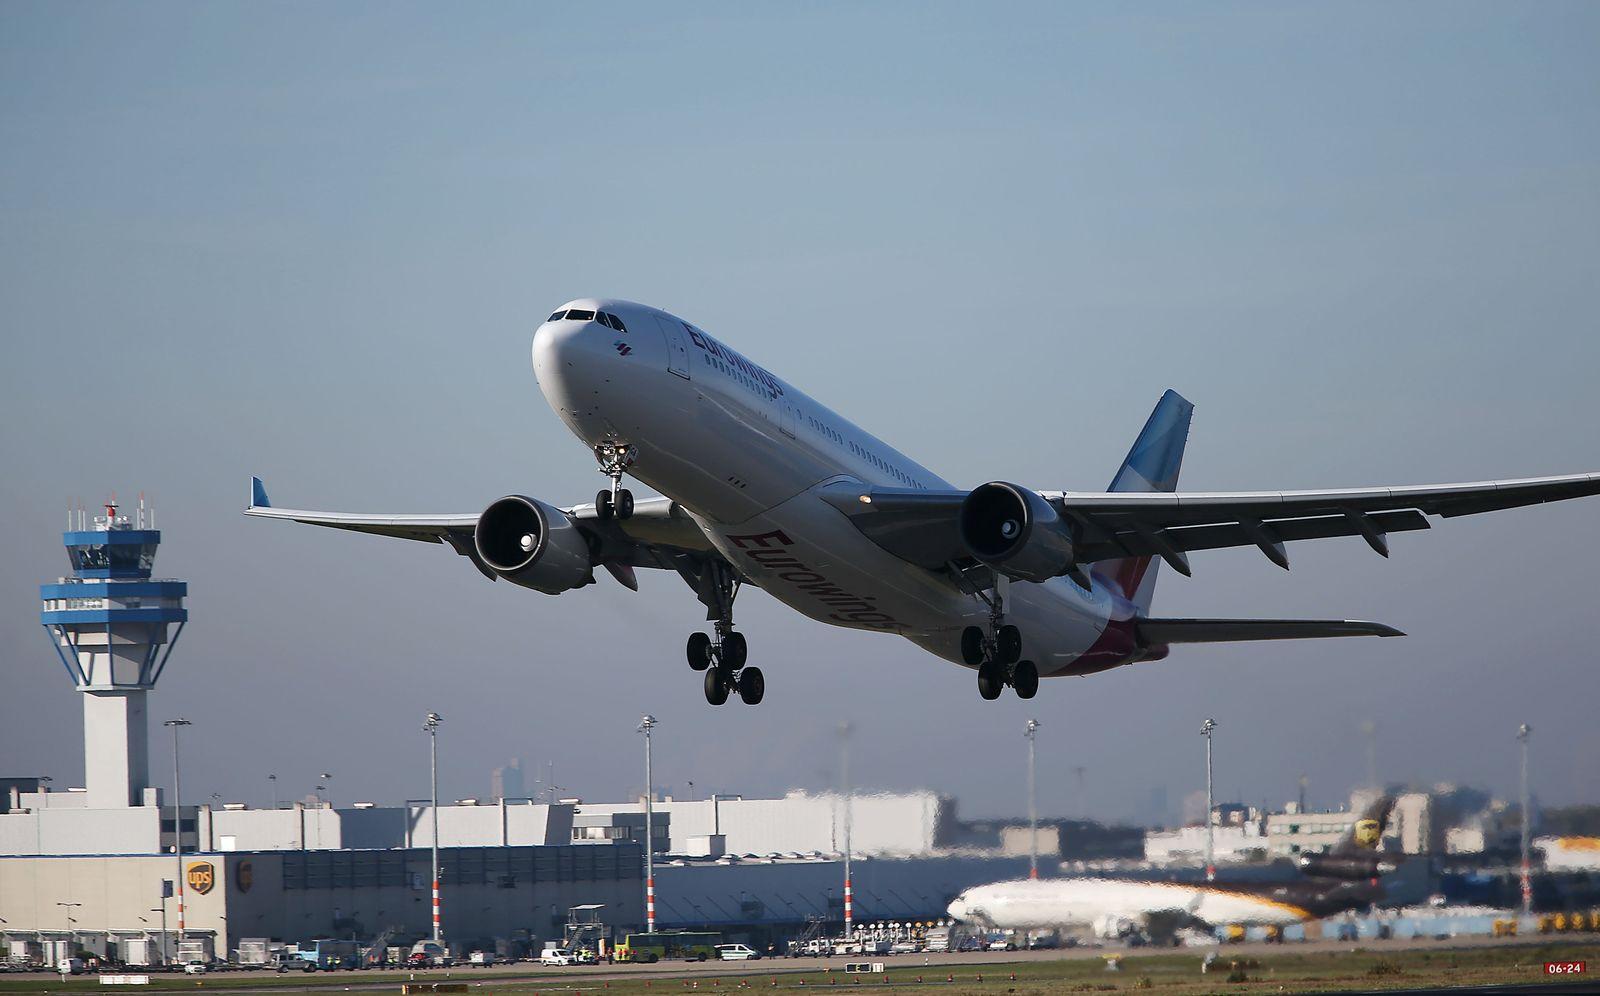 Erster Langstreckenflug / Eurowings